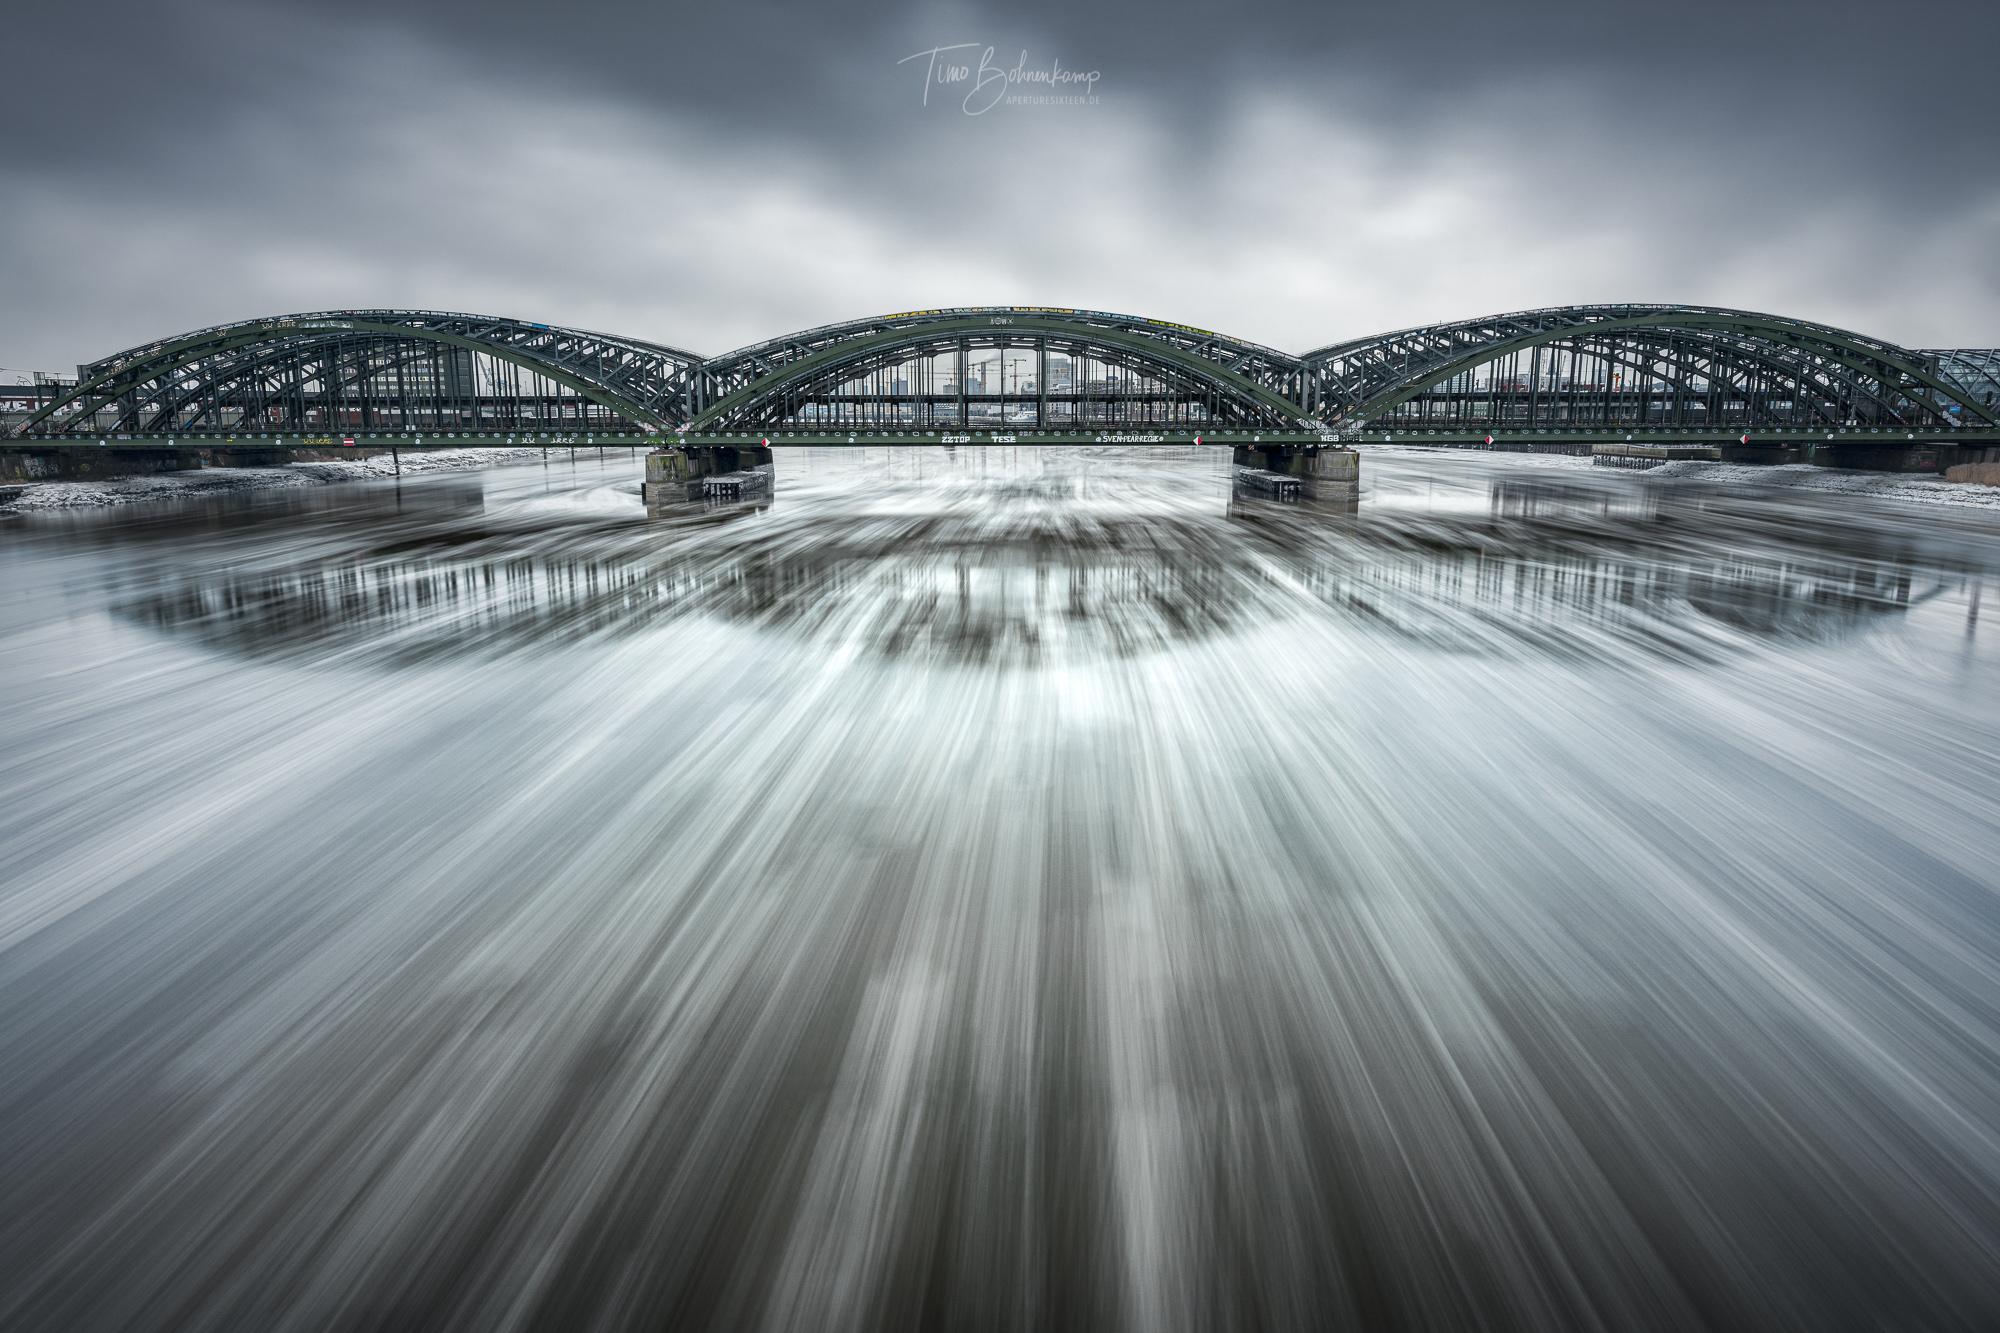 Elbbrücken (Autobahnbrücke), Germany